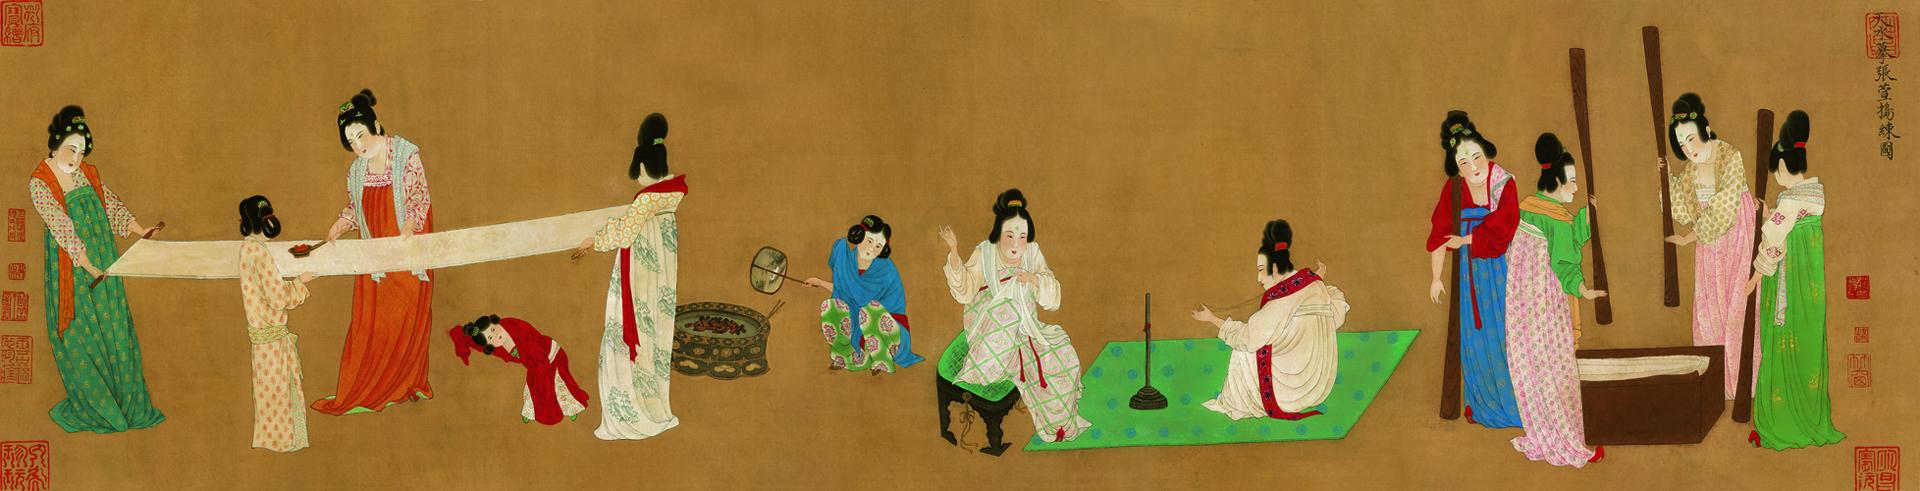 唐 张萱 捣练 绢本 37X145.3cm近现代  花纹清晰